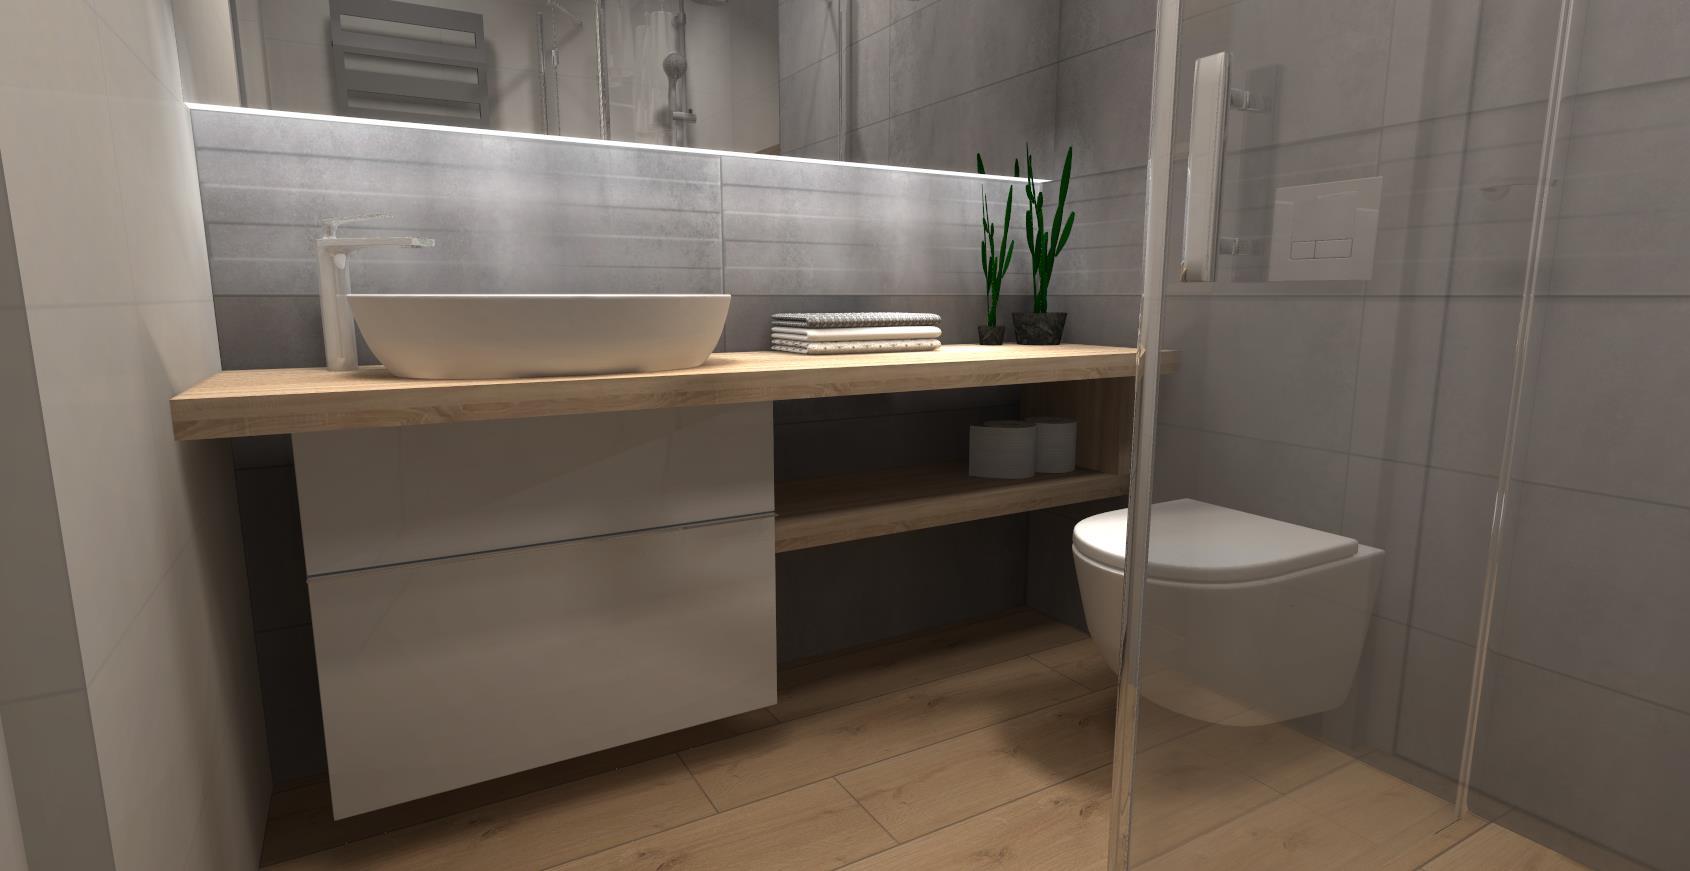 Mała Nowoczesna łazienka Sanpol